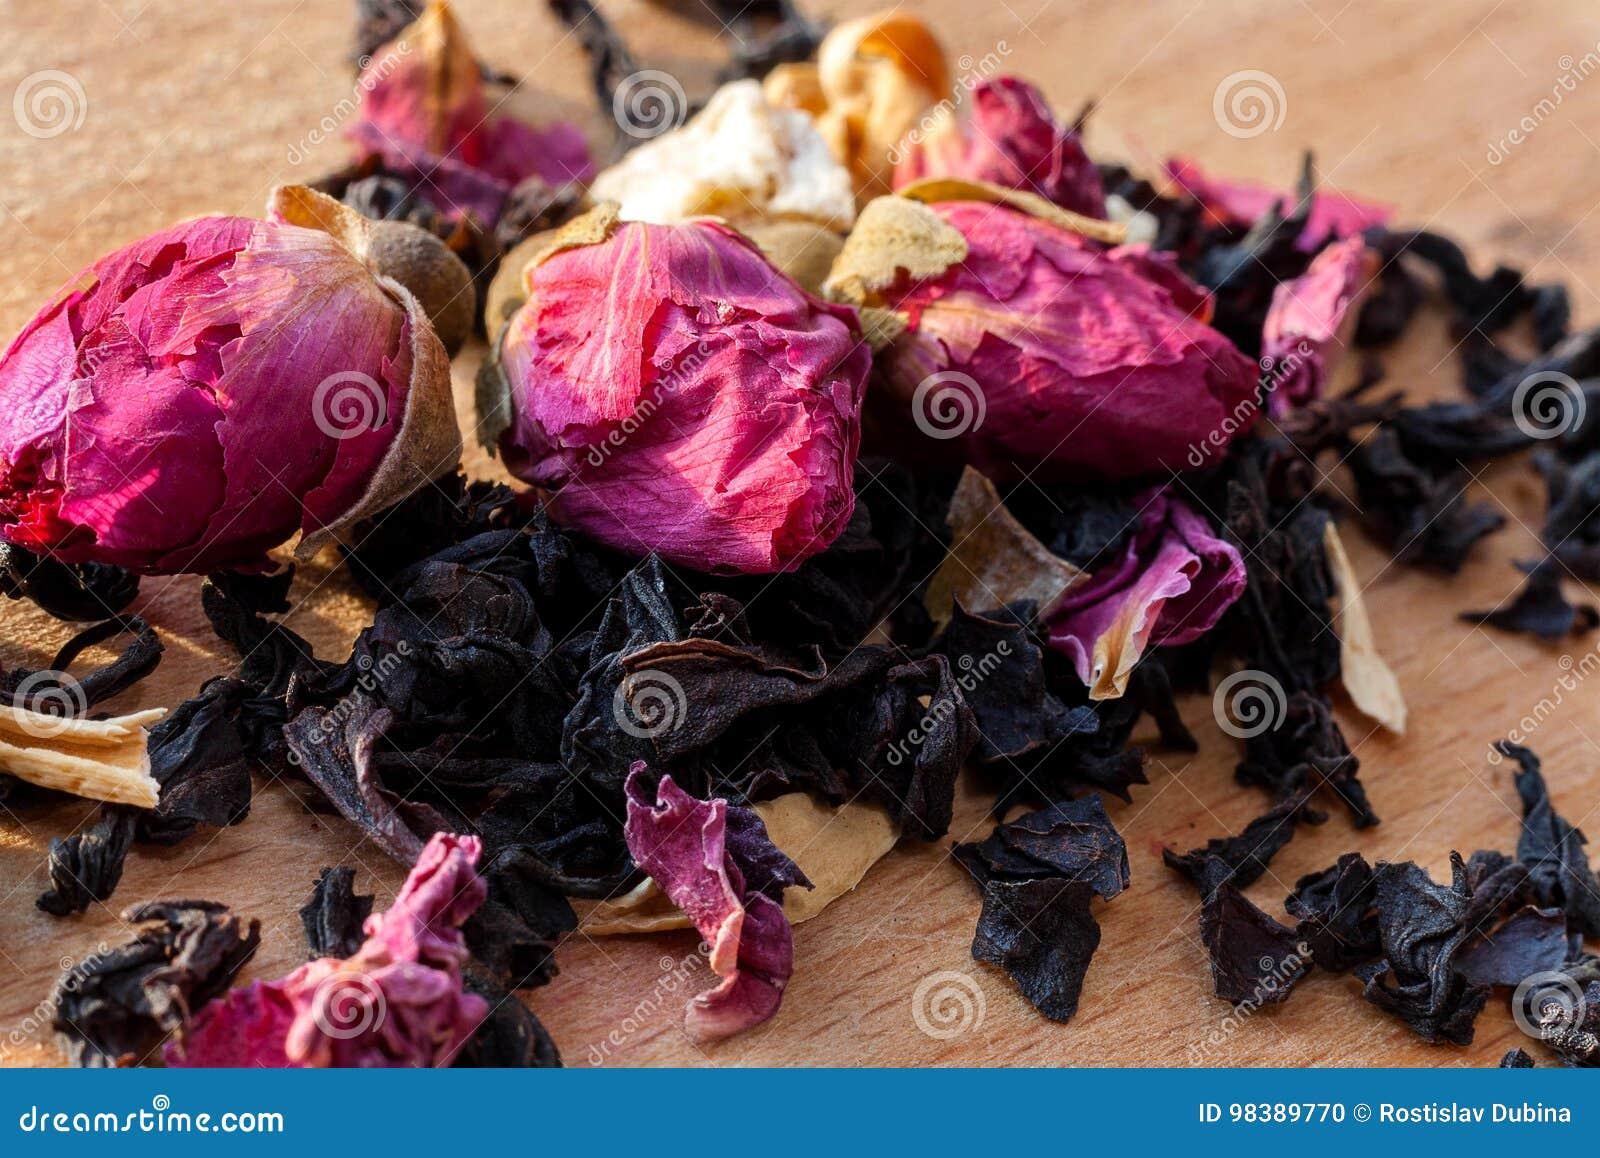 La macro photo du thé avec un thé s est levée La composition du tas des  roses de thé et de la fleur sèche de ketmie situées sur un conseil en bois  Thé ... 92b808ddf18